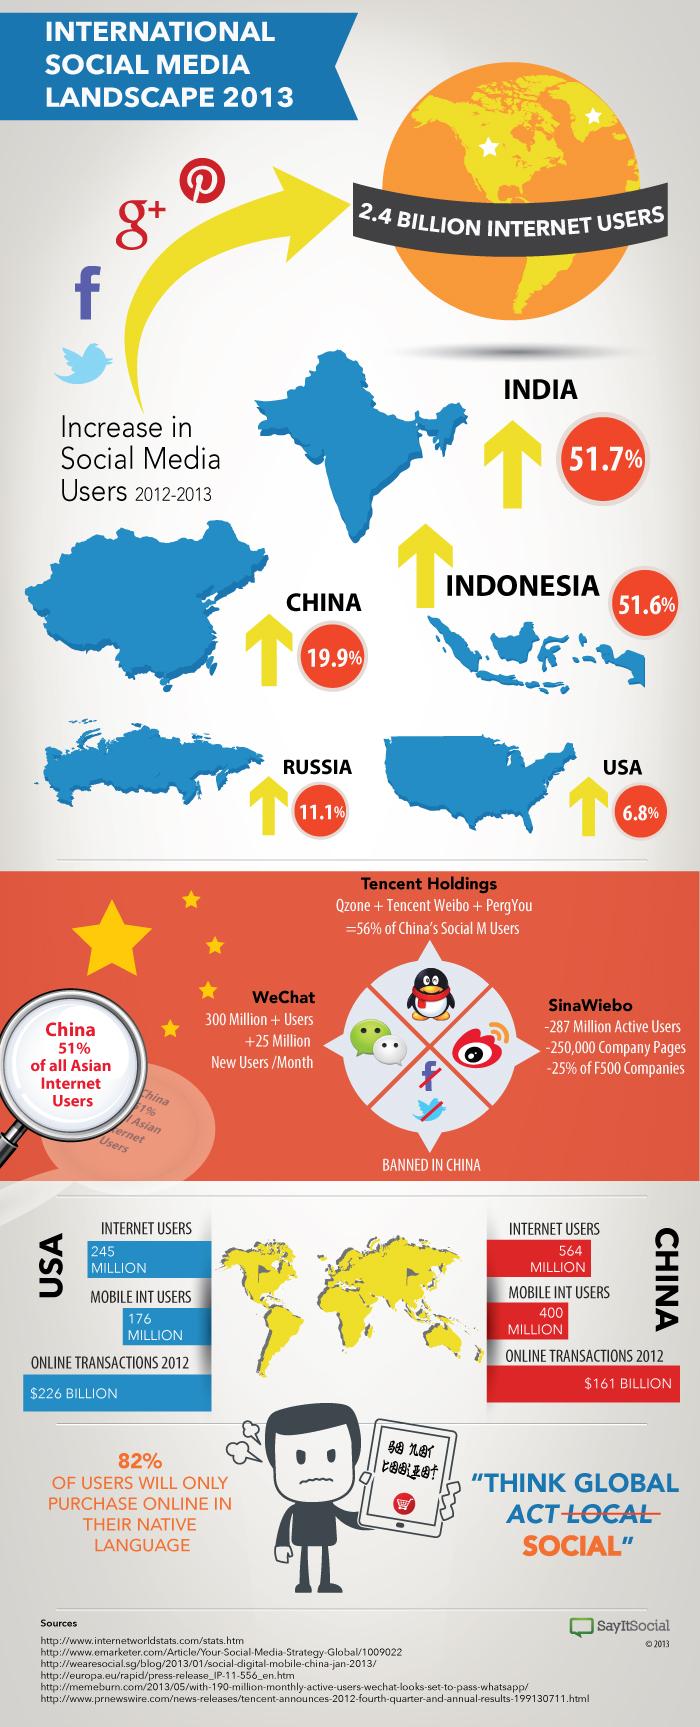 international-social-media-landscape